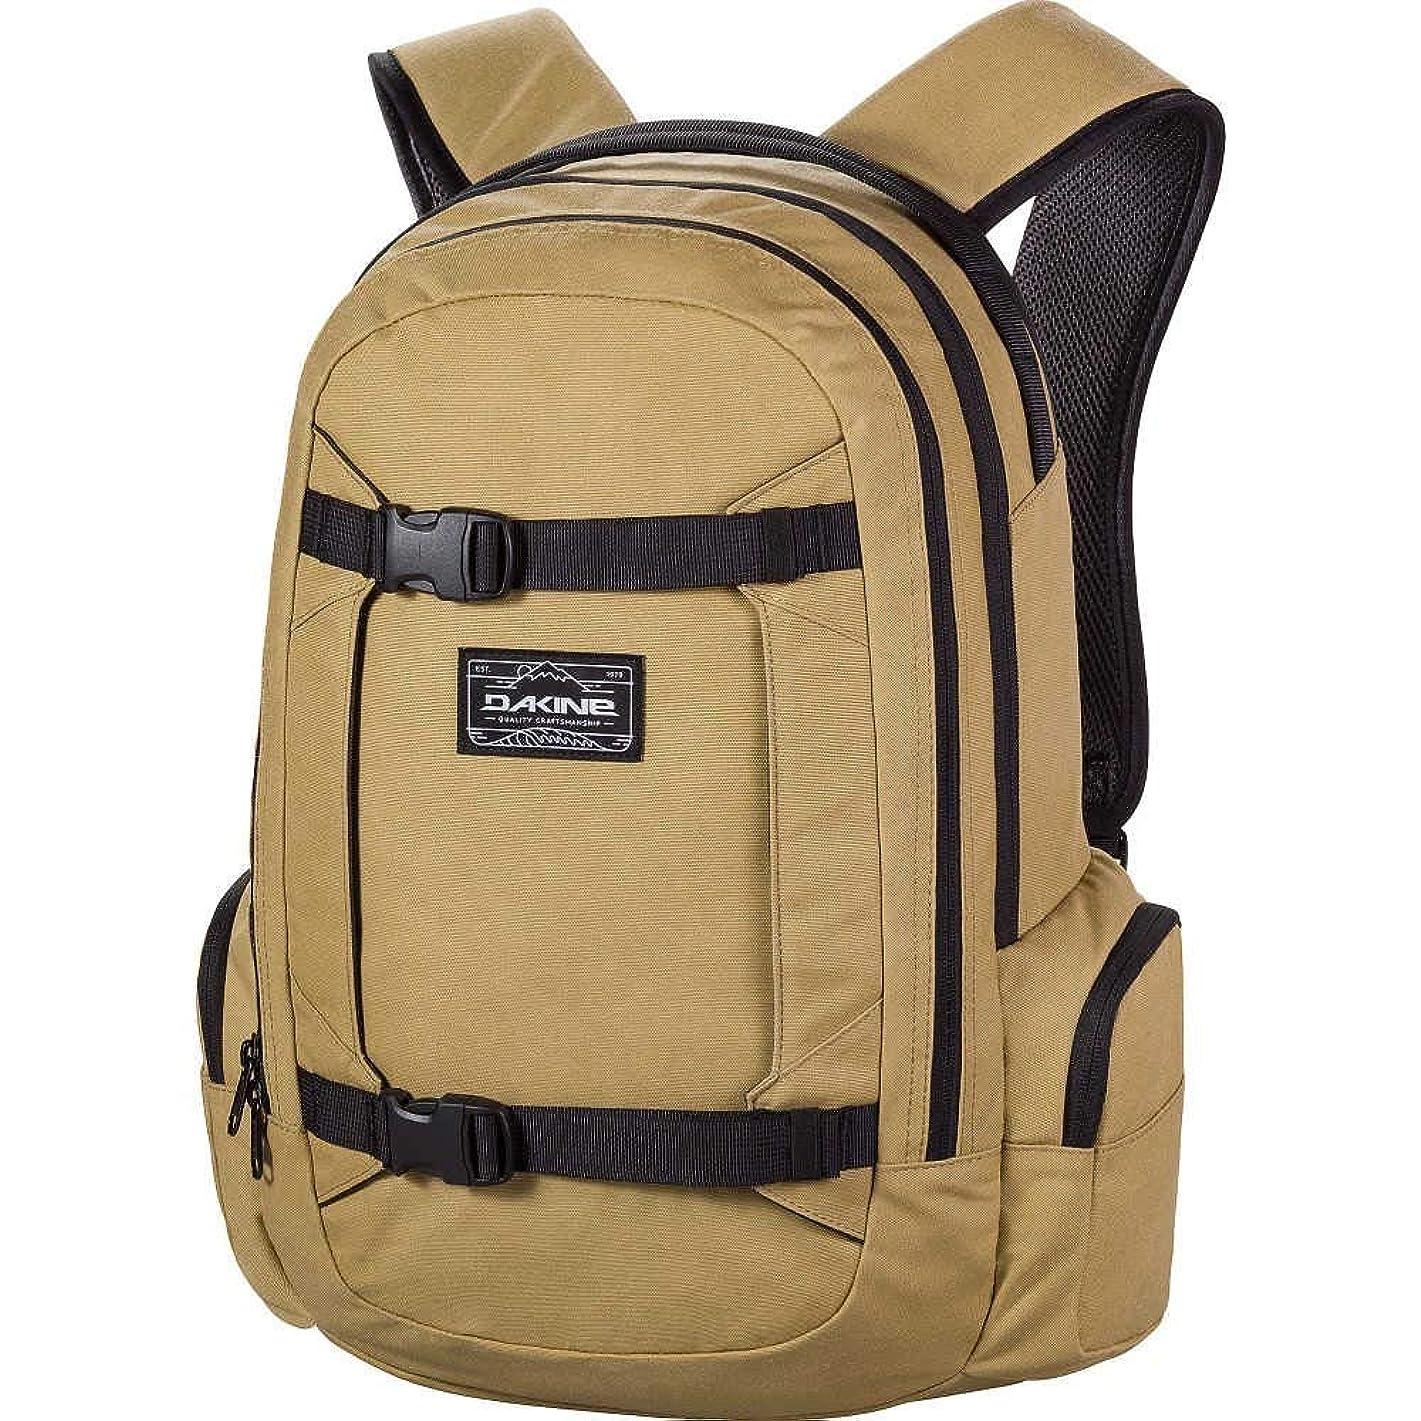 豊富請求可能内訳(ダカイン) DAKINE メンズ バッグ パソコンバッグ Mission 25L Laptop Backpack - 15 [並行輸入品]